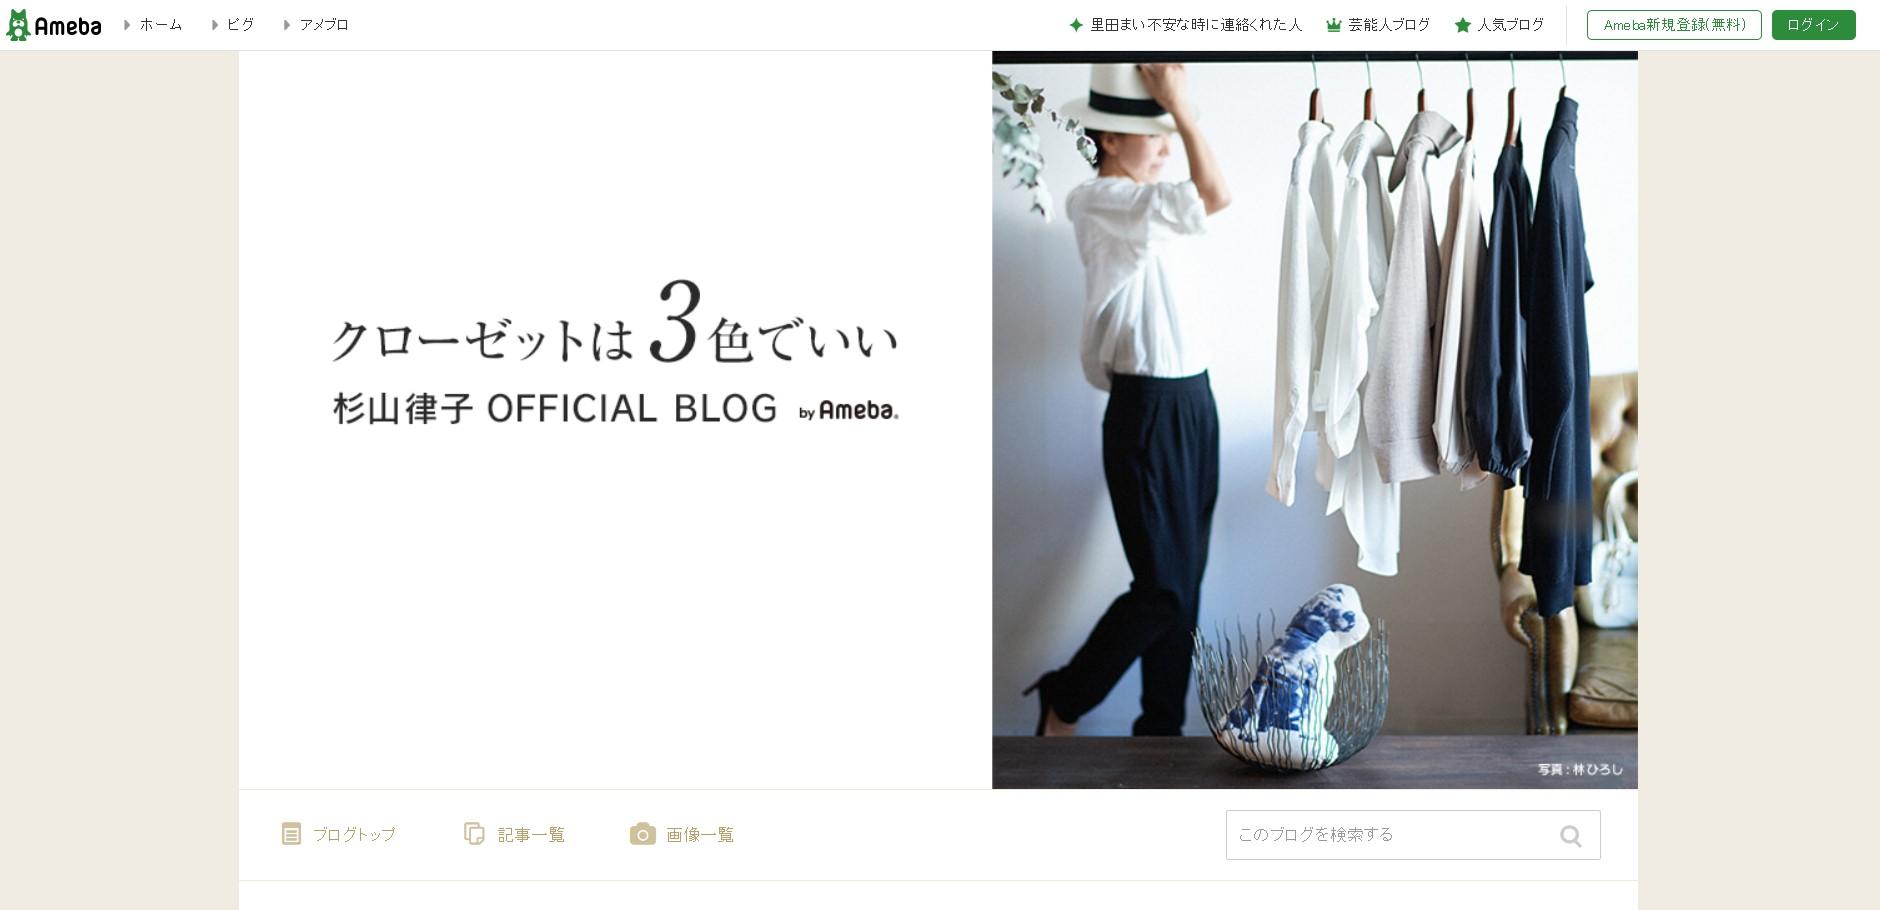 整理収納 ×ファッション。新しい資格『クローゼットマスター』が誕生!